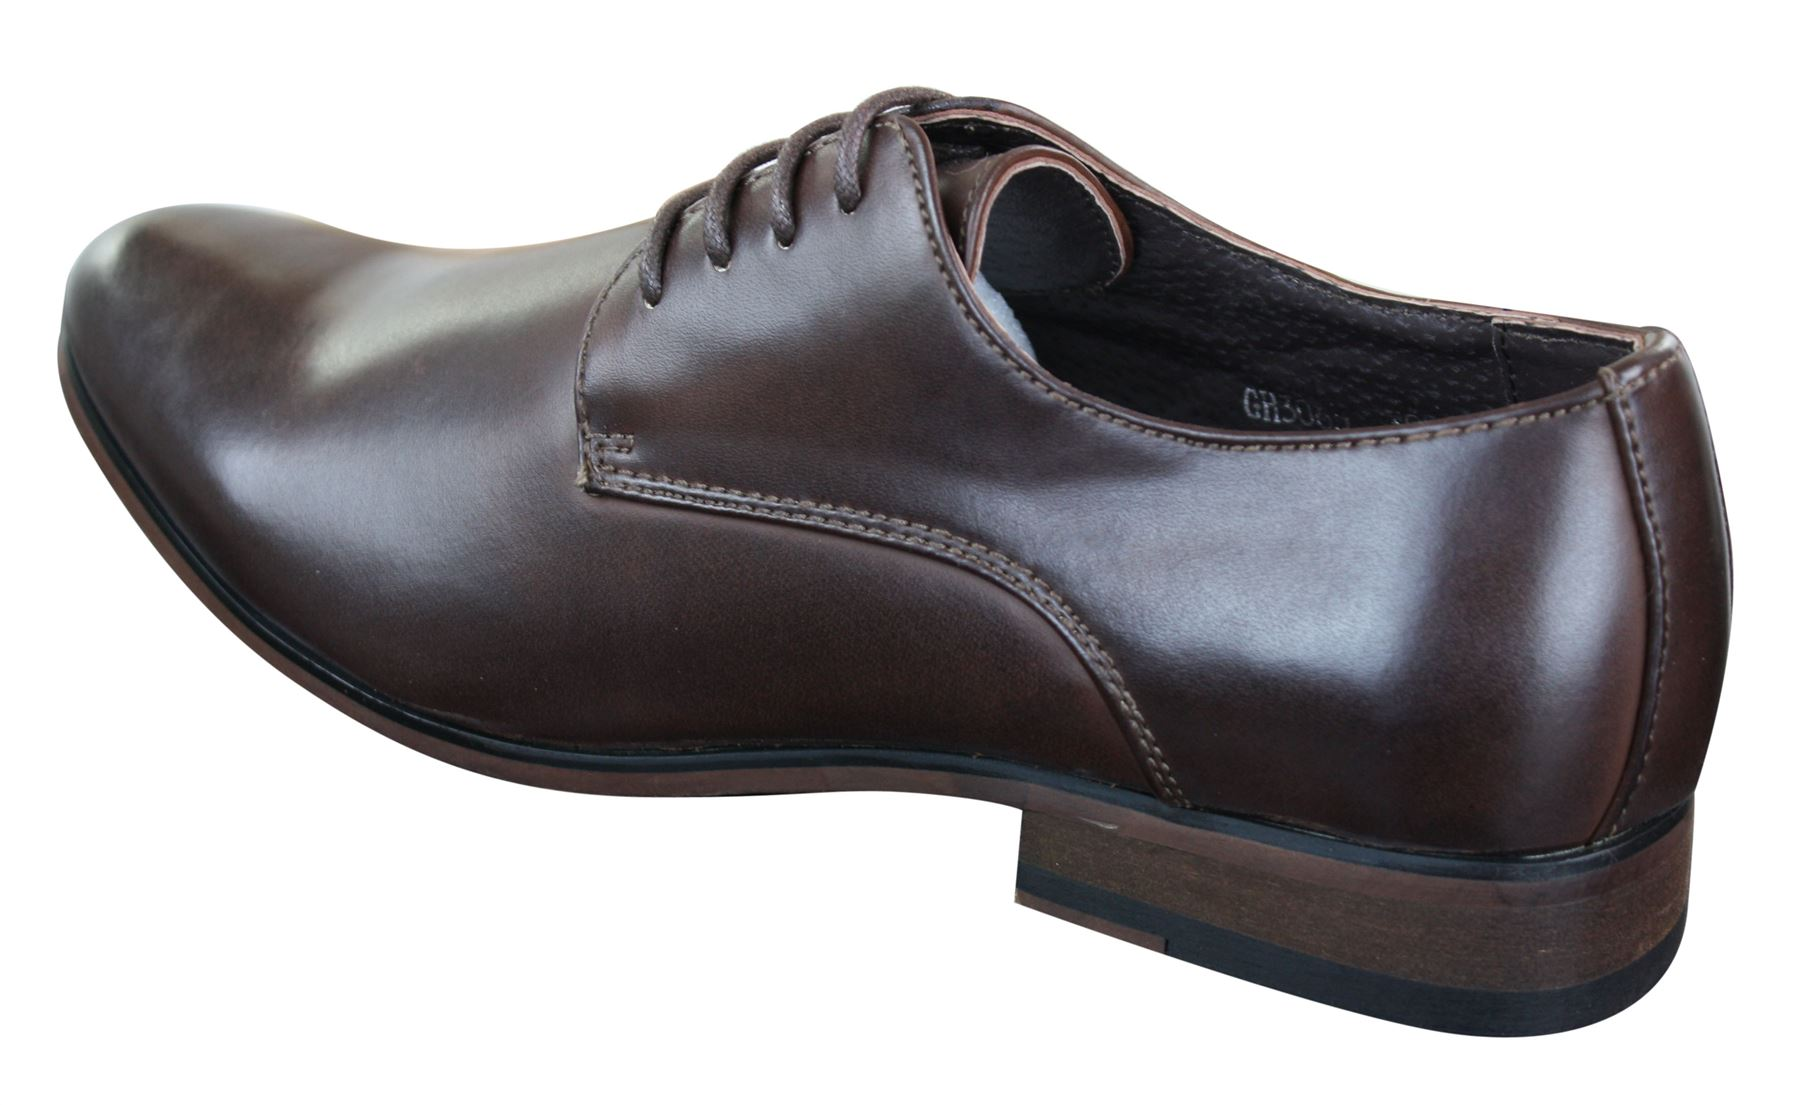 Scarpe Classiche da Uomo in Finta Pelle Marrone Stile Vintage con Lacci 4 4  di 4 Vedi Altro f8f8fc50e6a